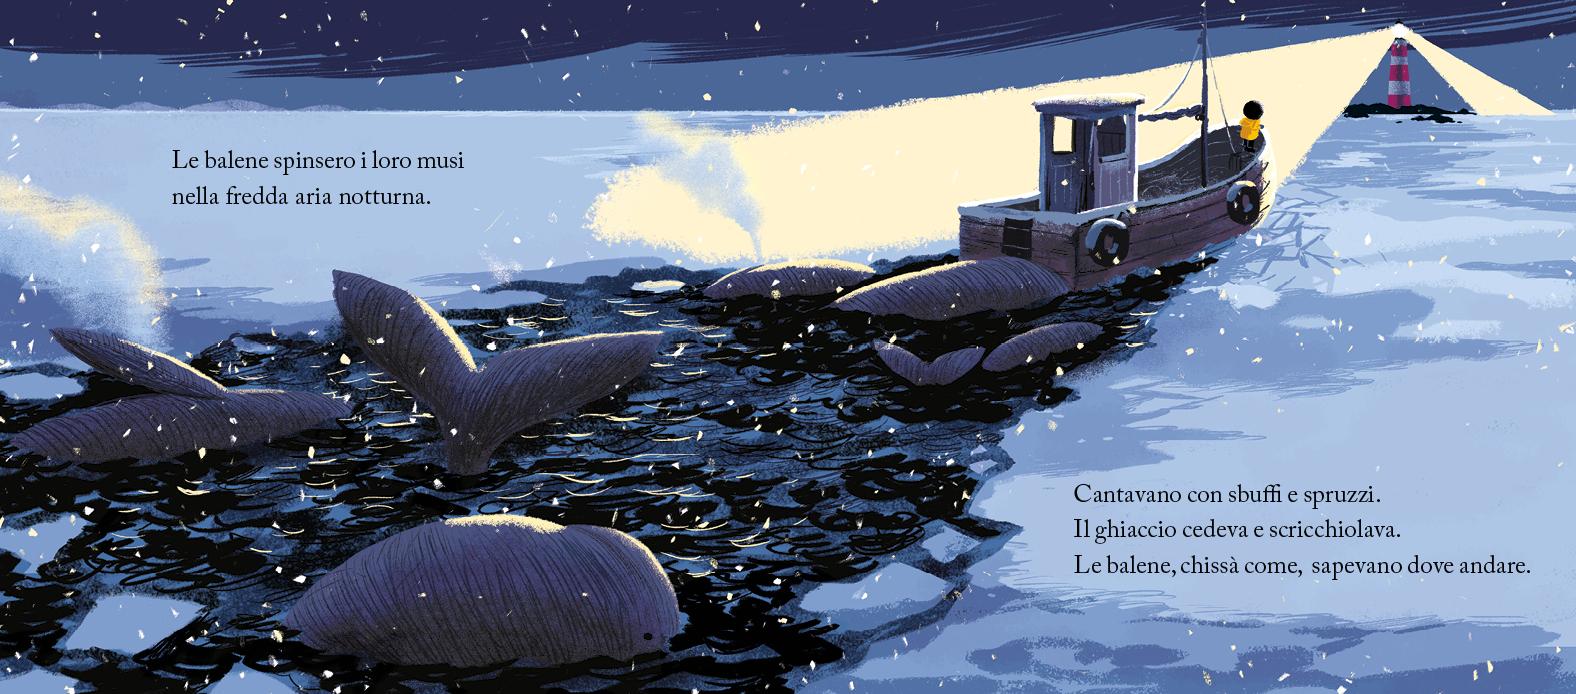 La Balena della Tempesta in Inverno